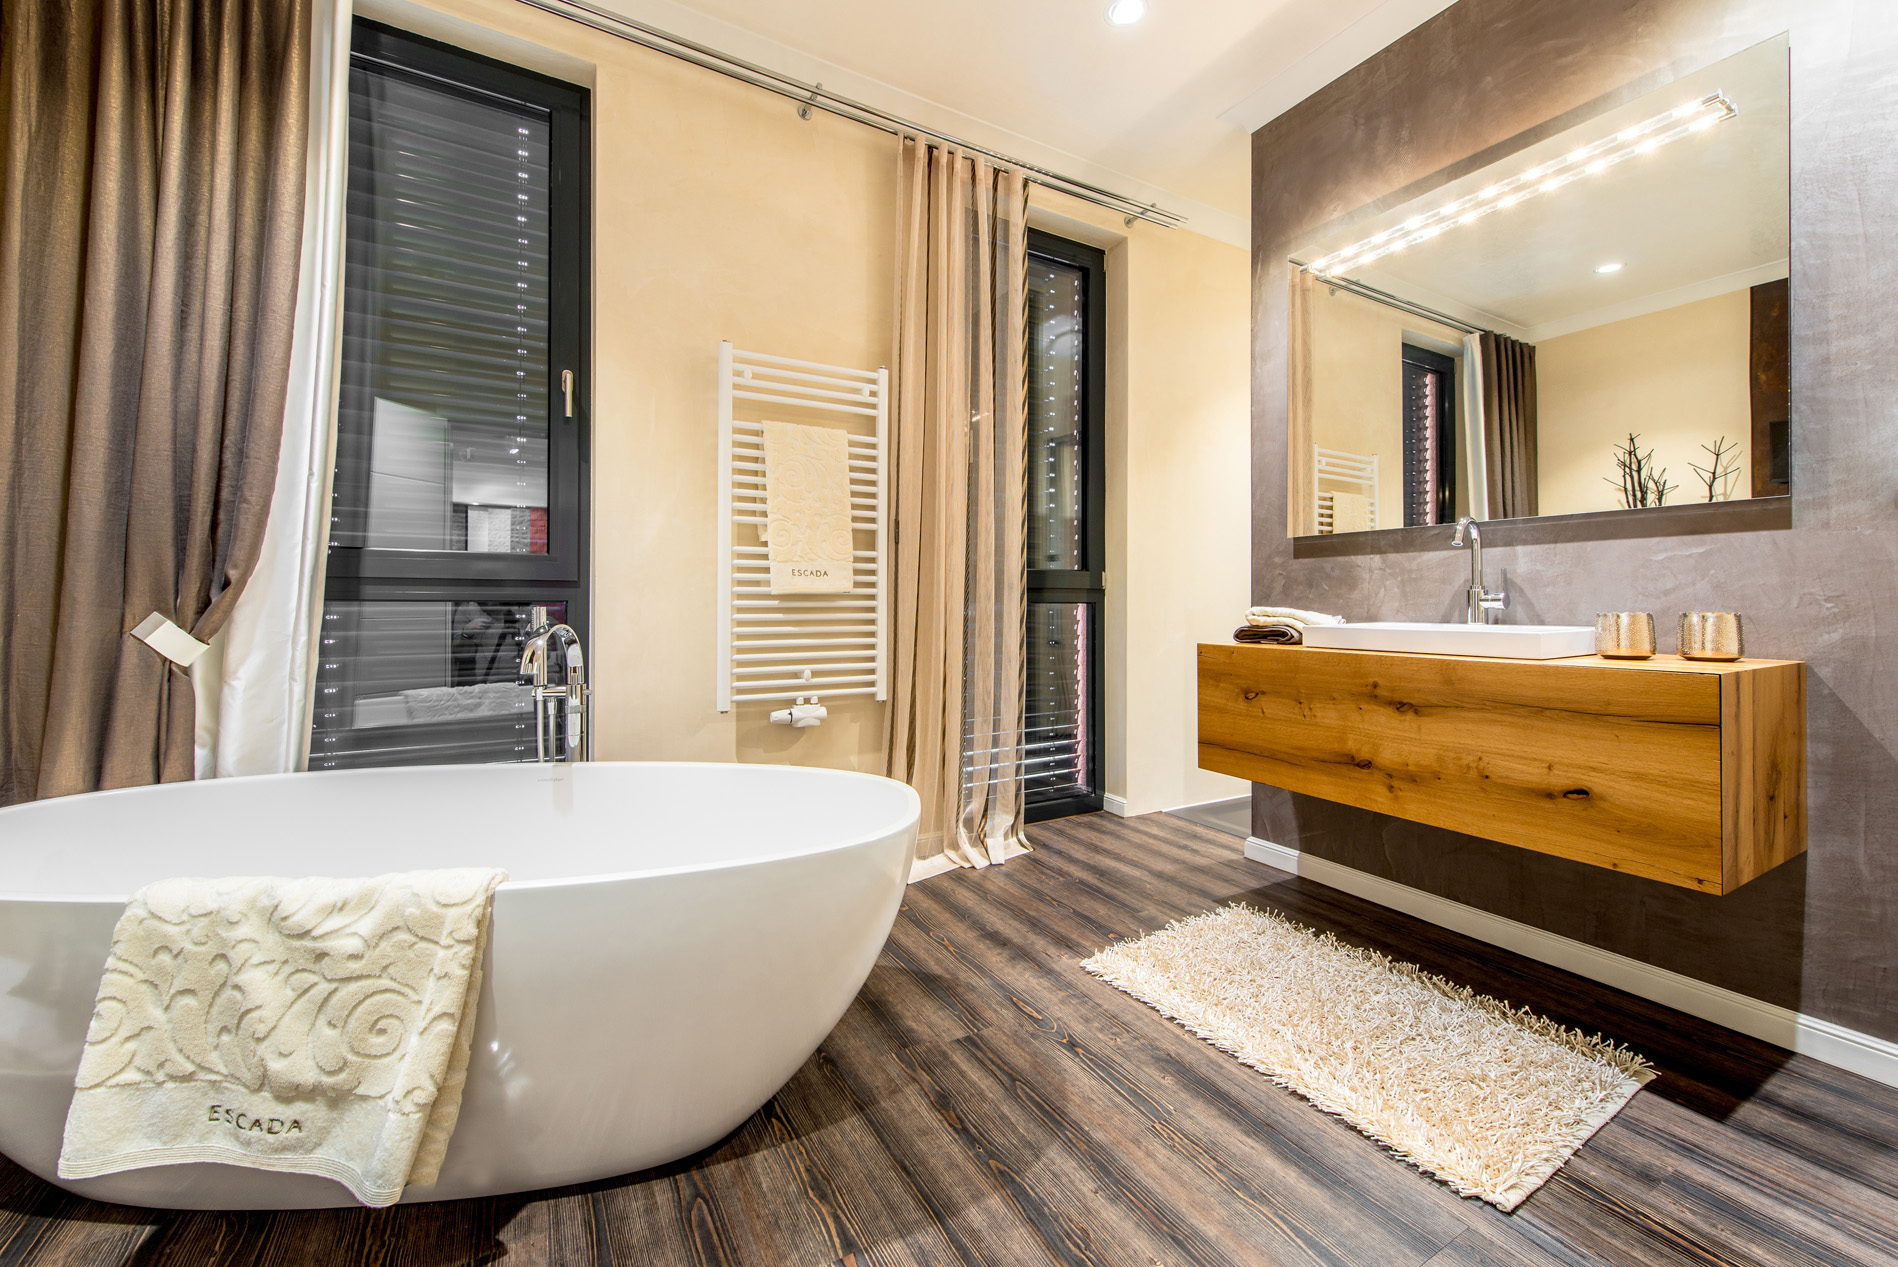 maler neidl ihr malermeister in g nzburg bubesheim und umgebung. Black Bedroom Furniture Sets. Home Design Ideas